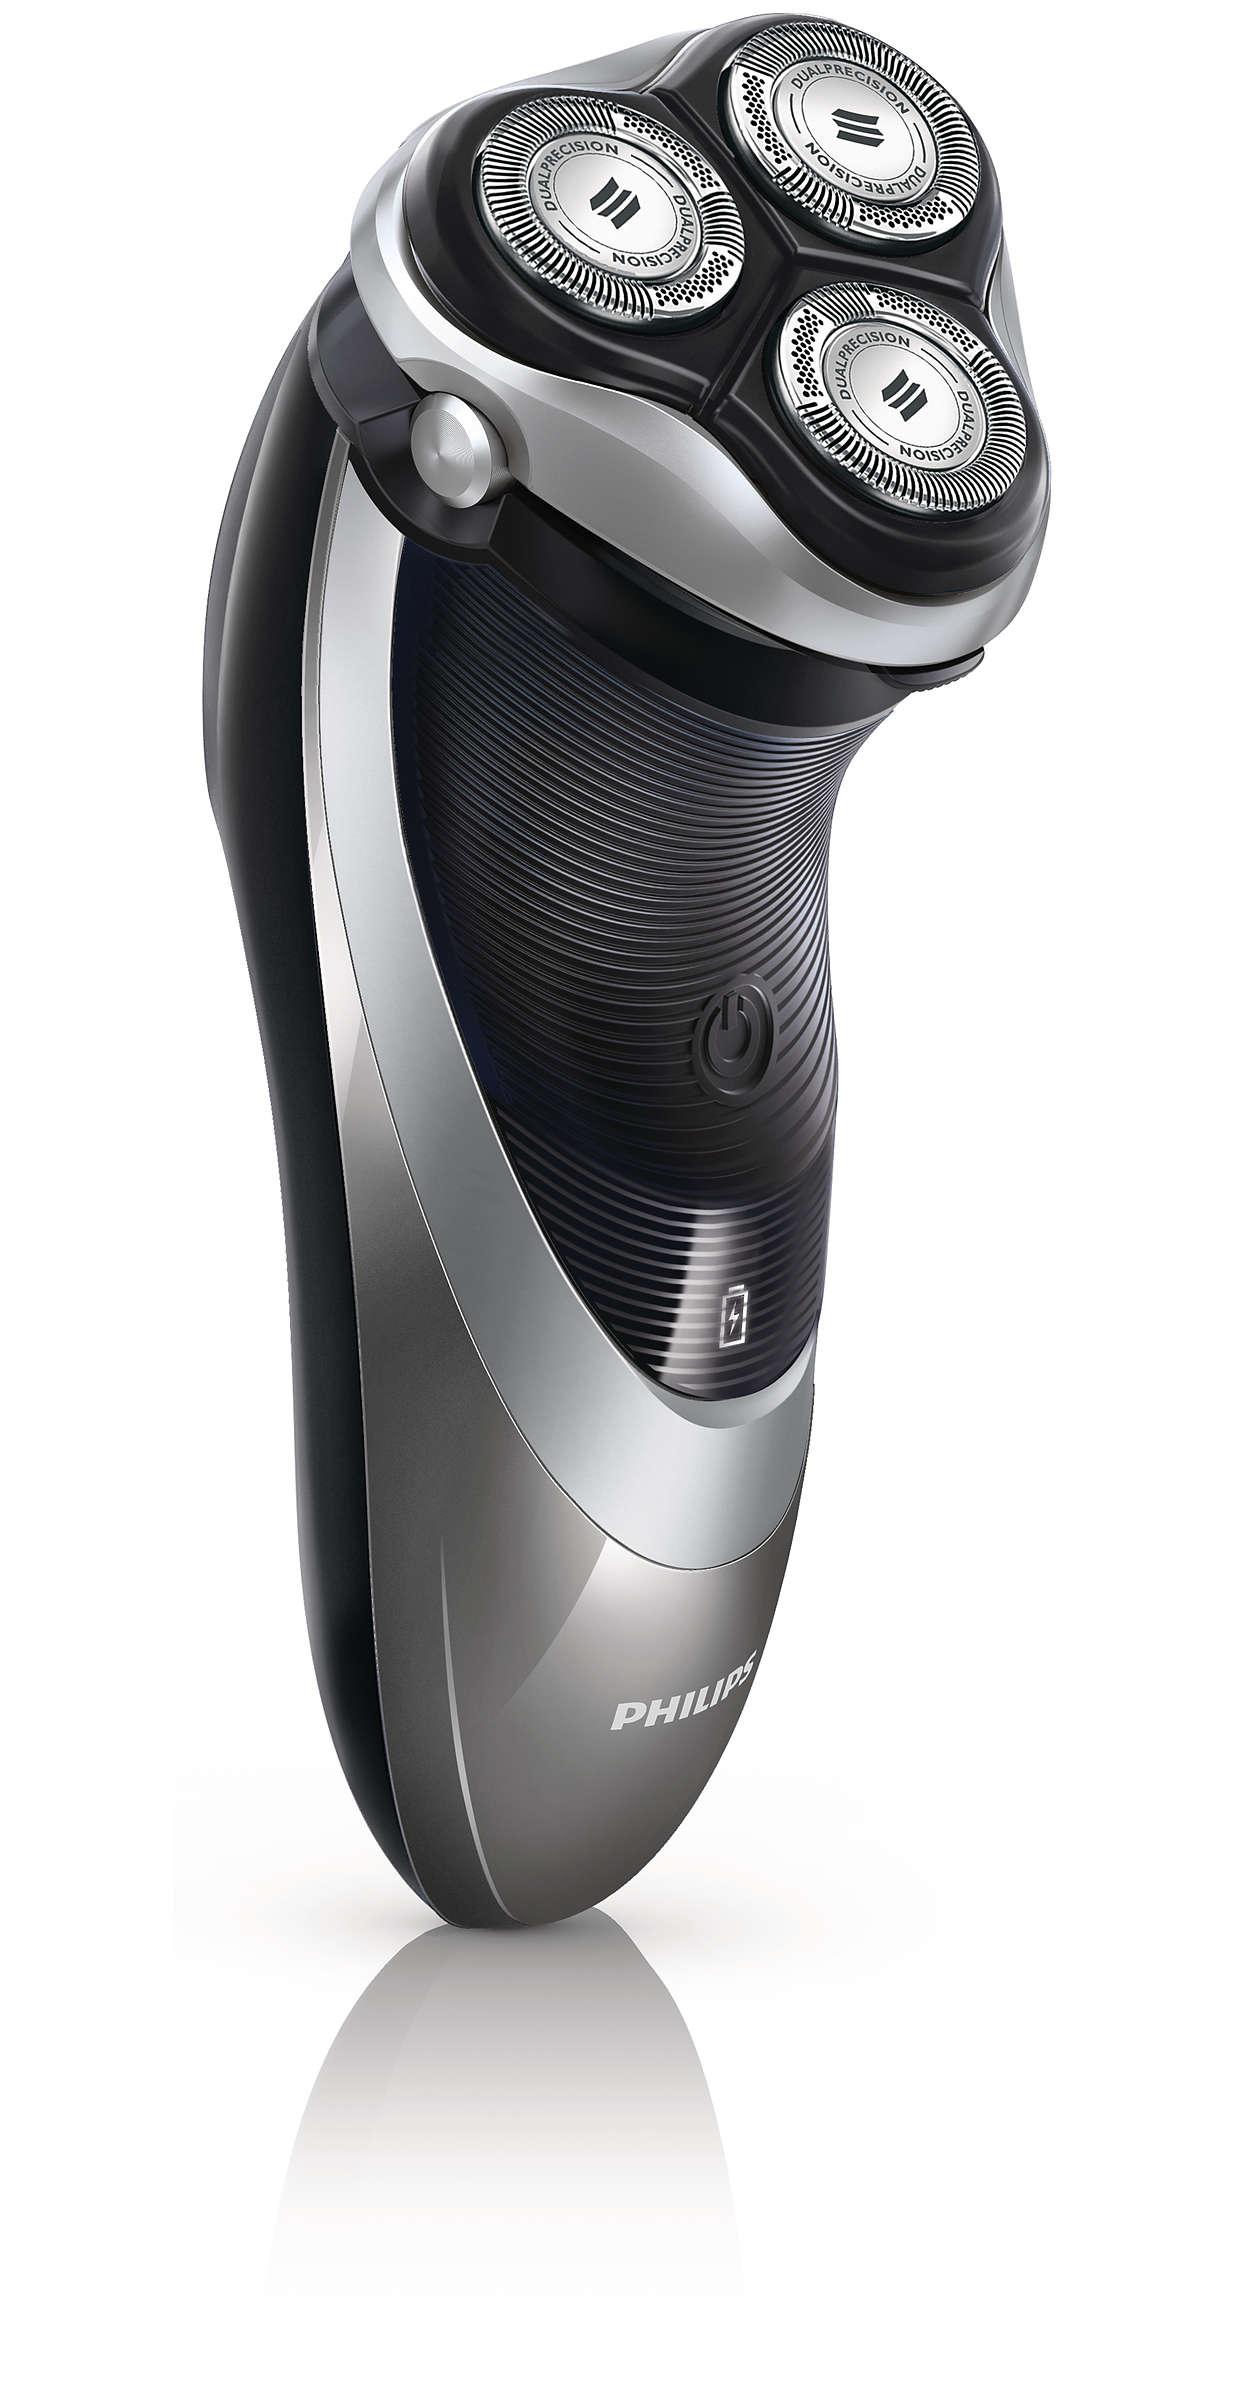 Un afeitado más apurado y limpio